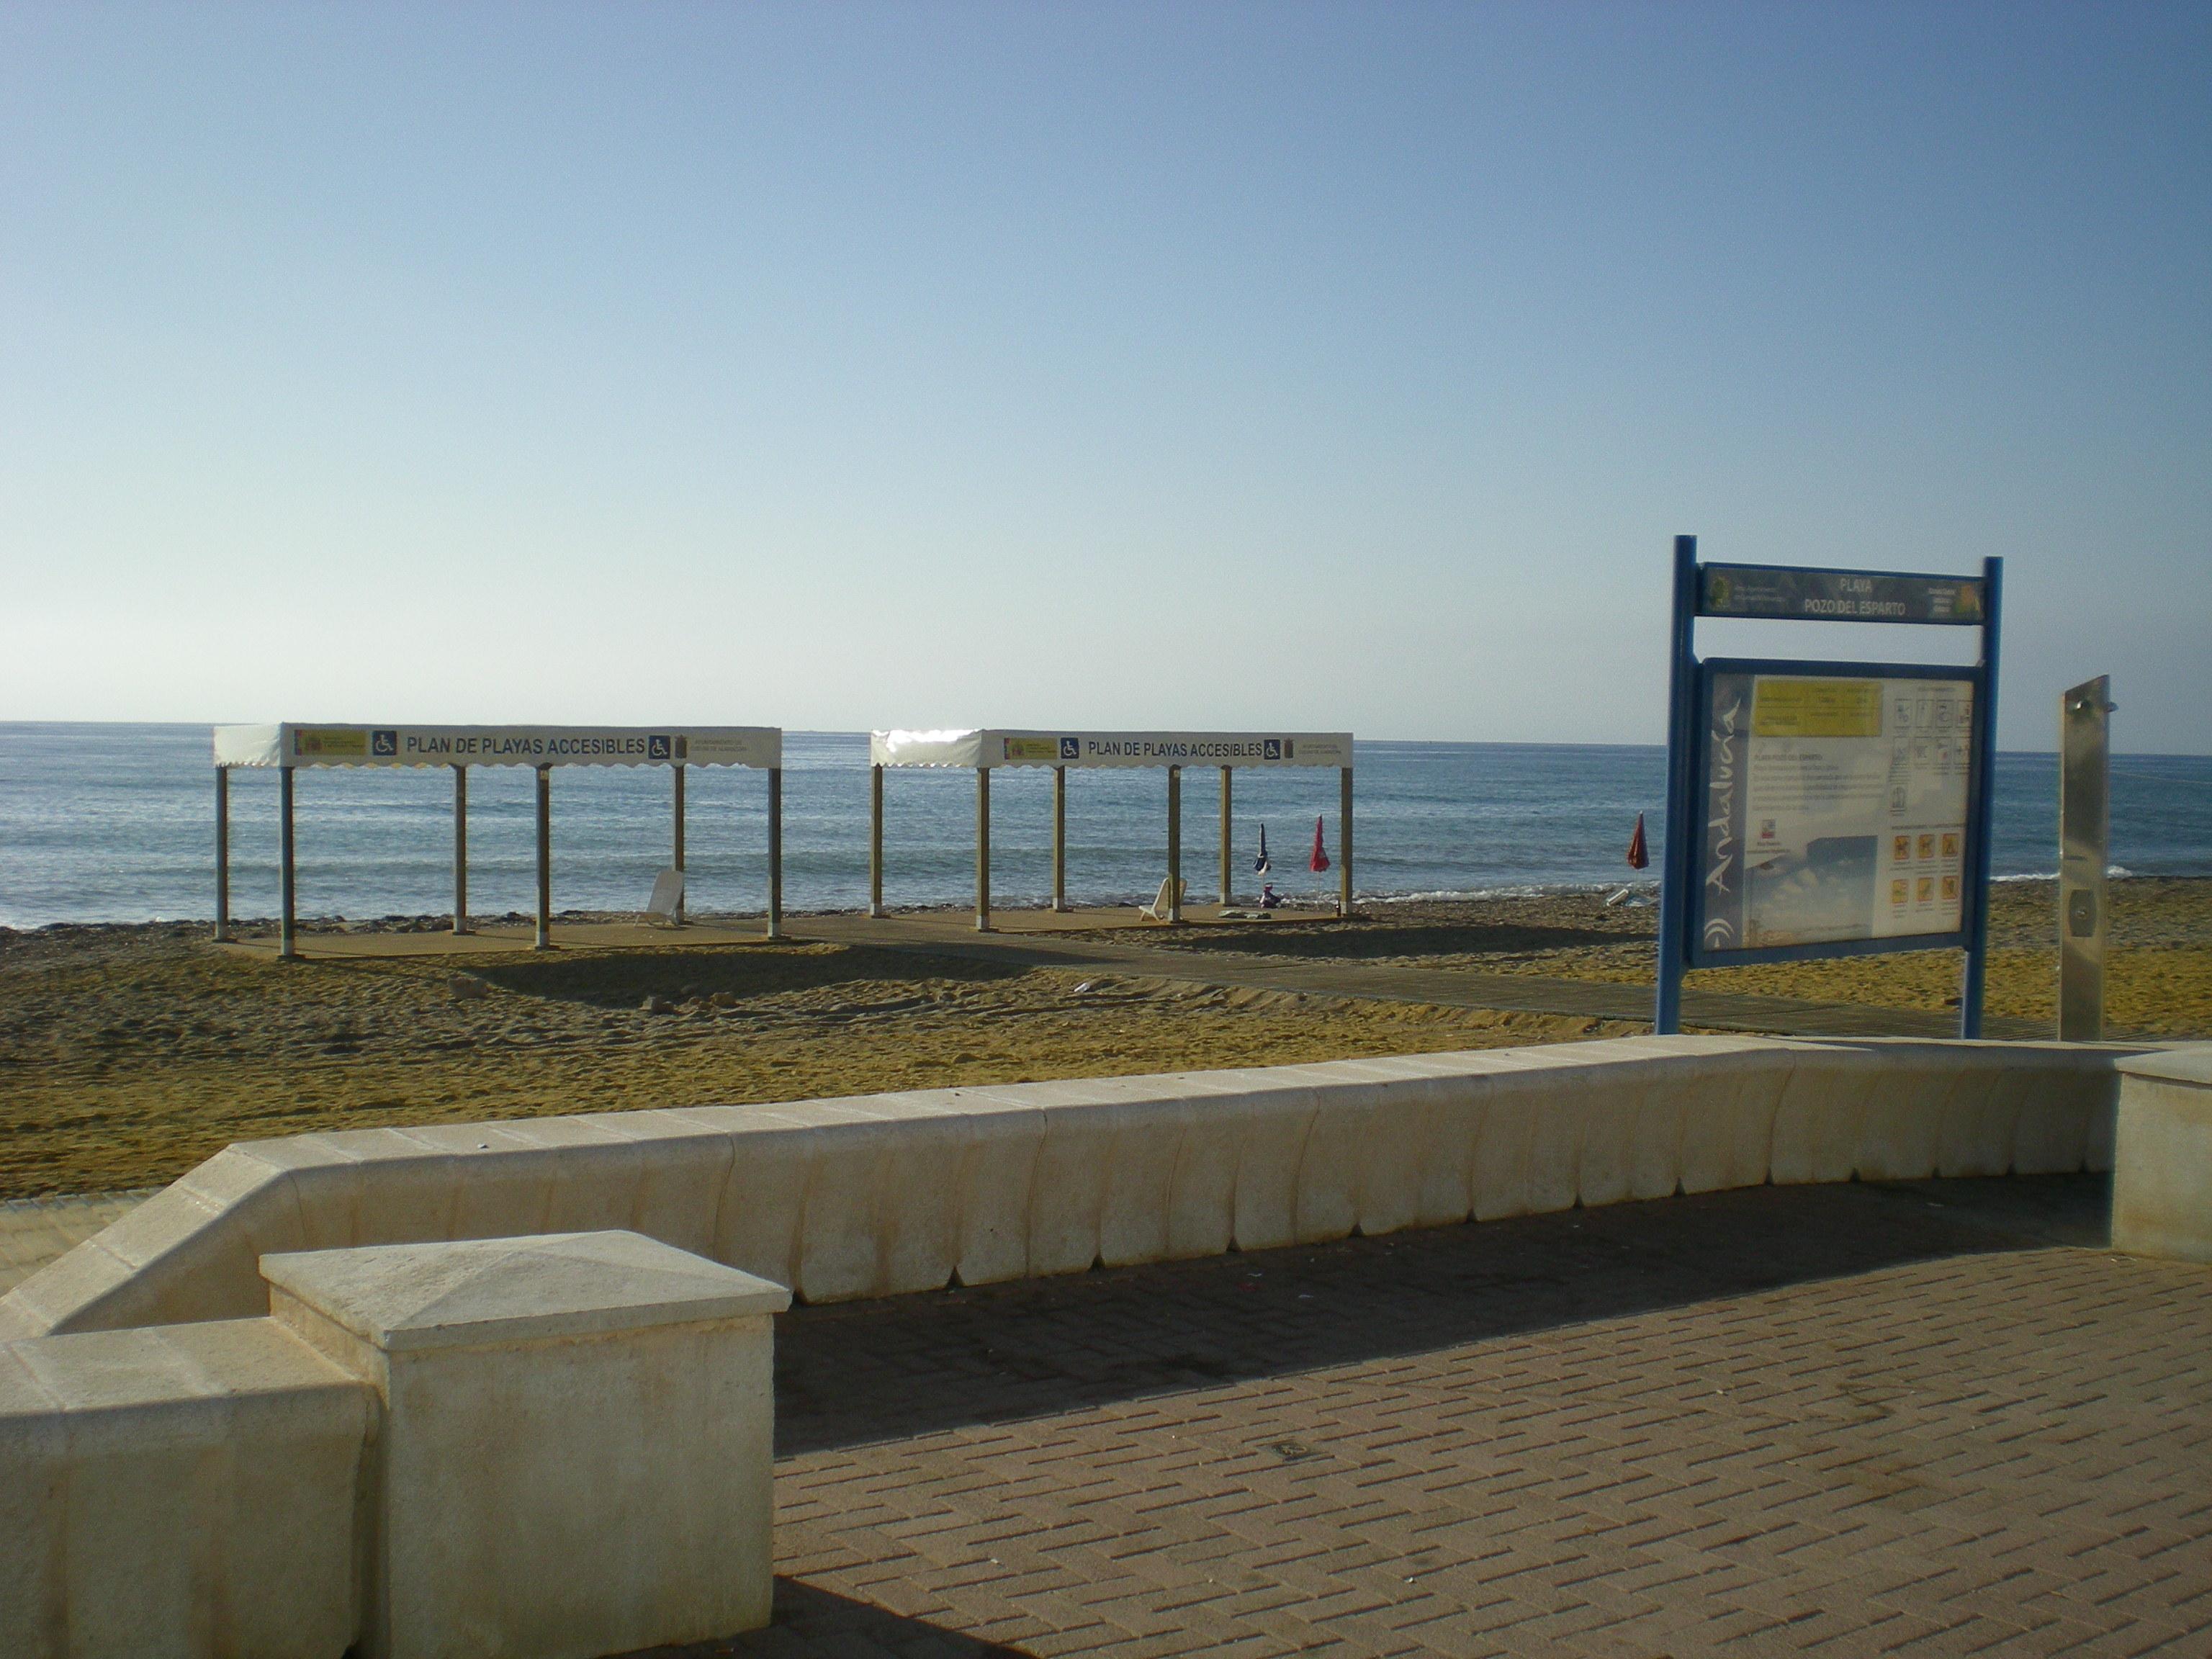 Playa de Pozo Del Esparto